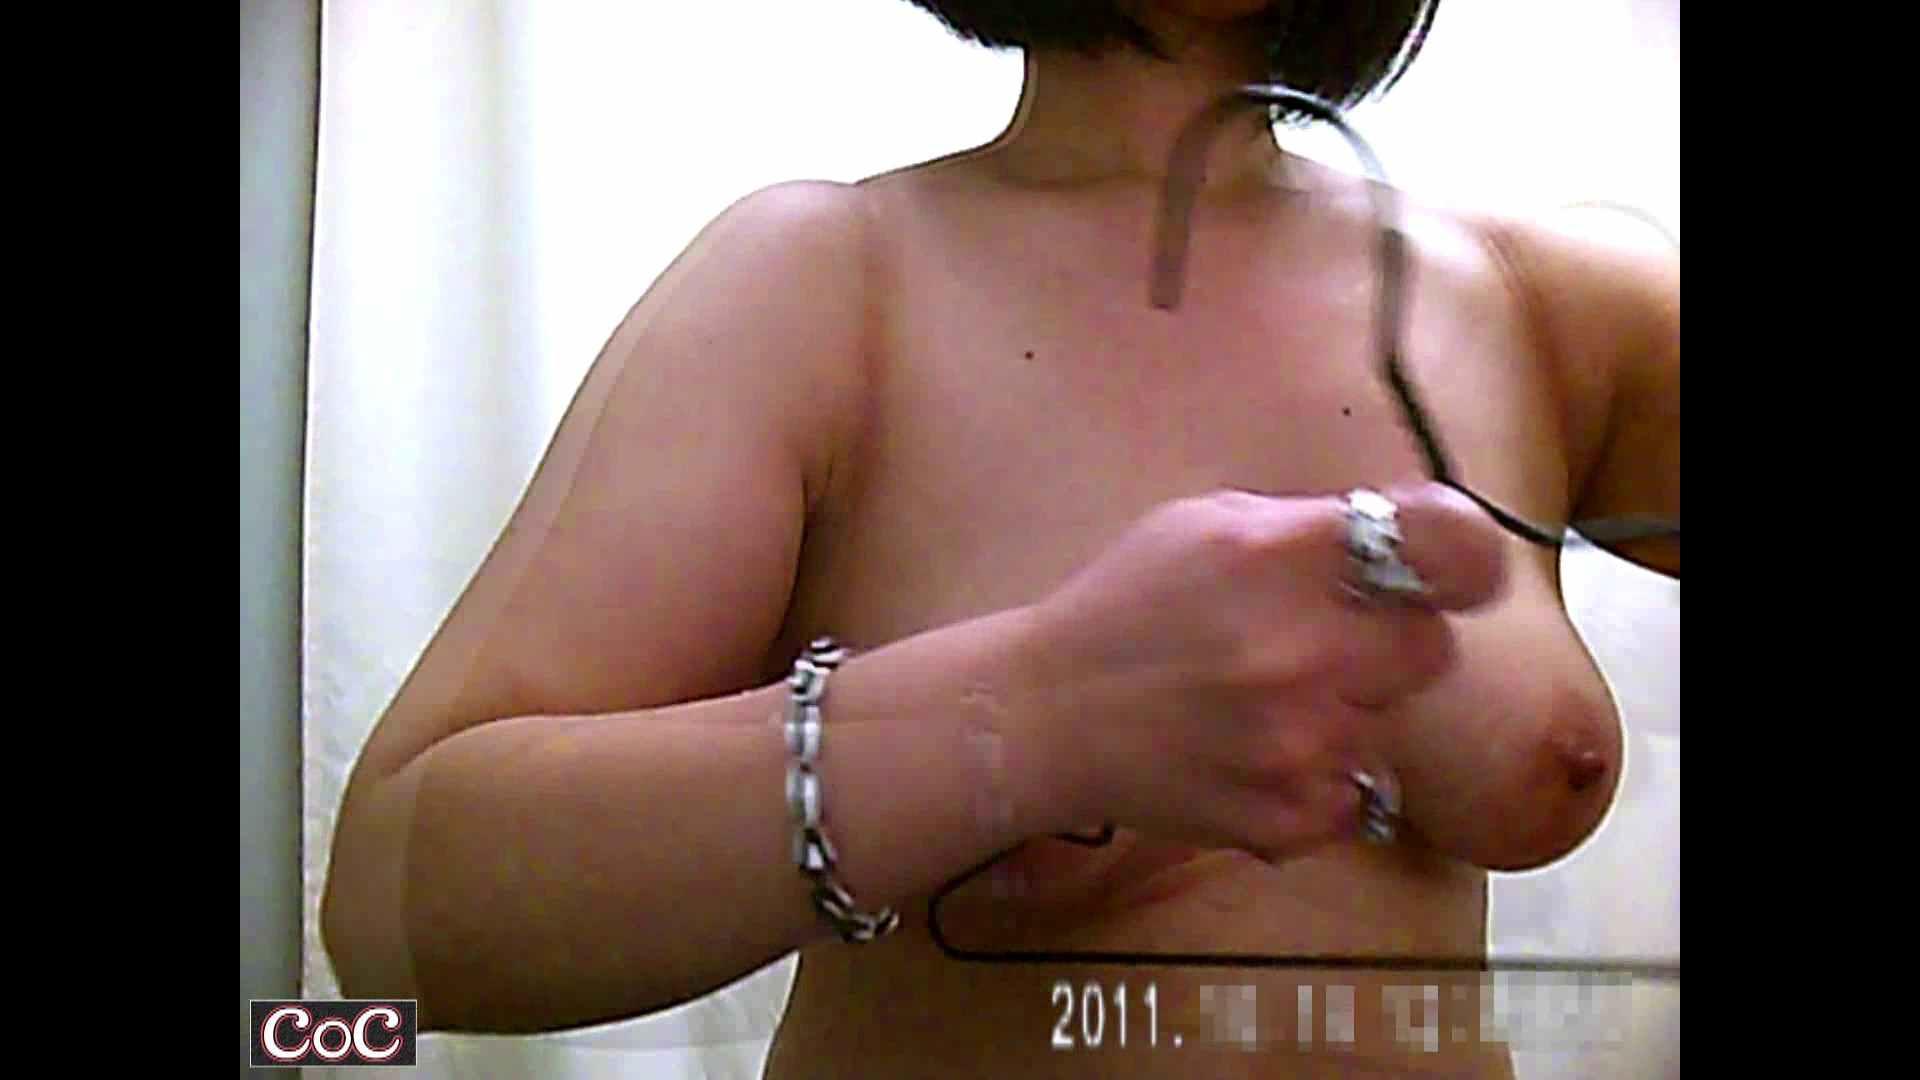 病院おもいっきり着替え! vol.59 巨乳 SEX無修正画像 81pic 40